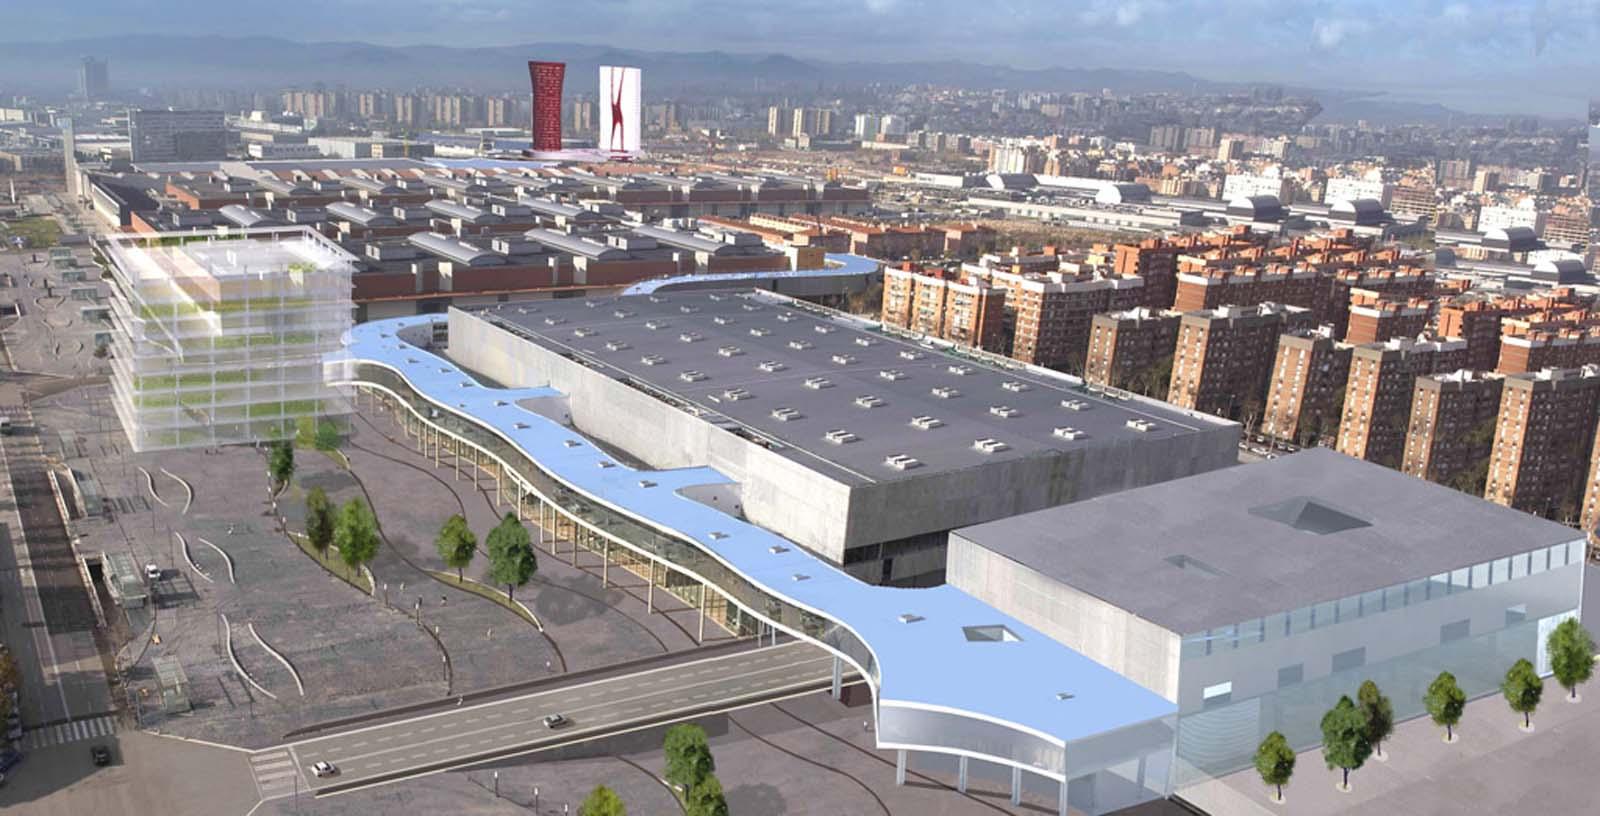 Fira_Barcelona_02_Building_Idom_firabarcelona